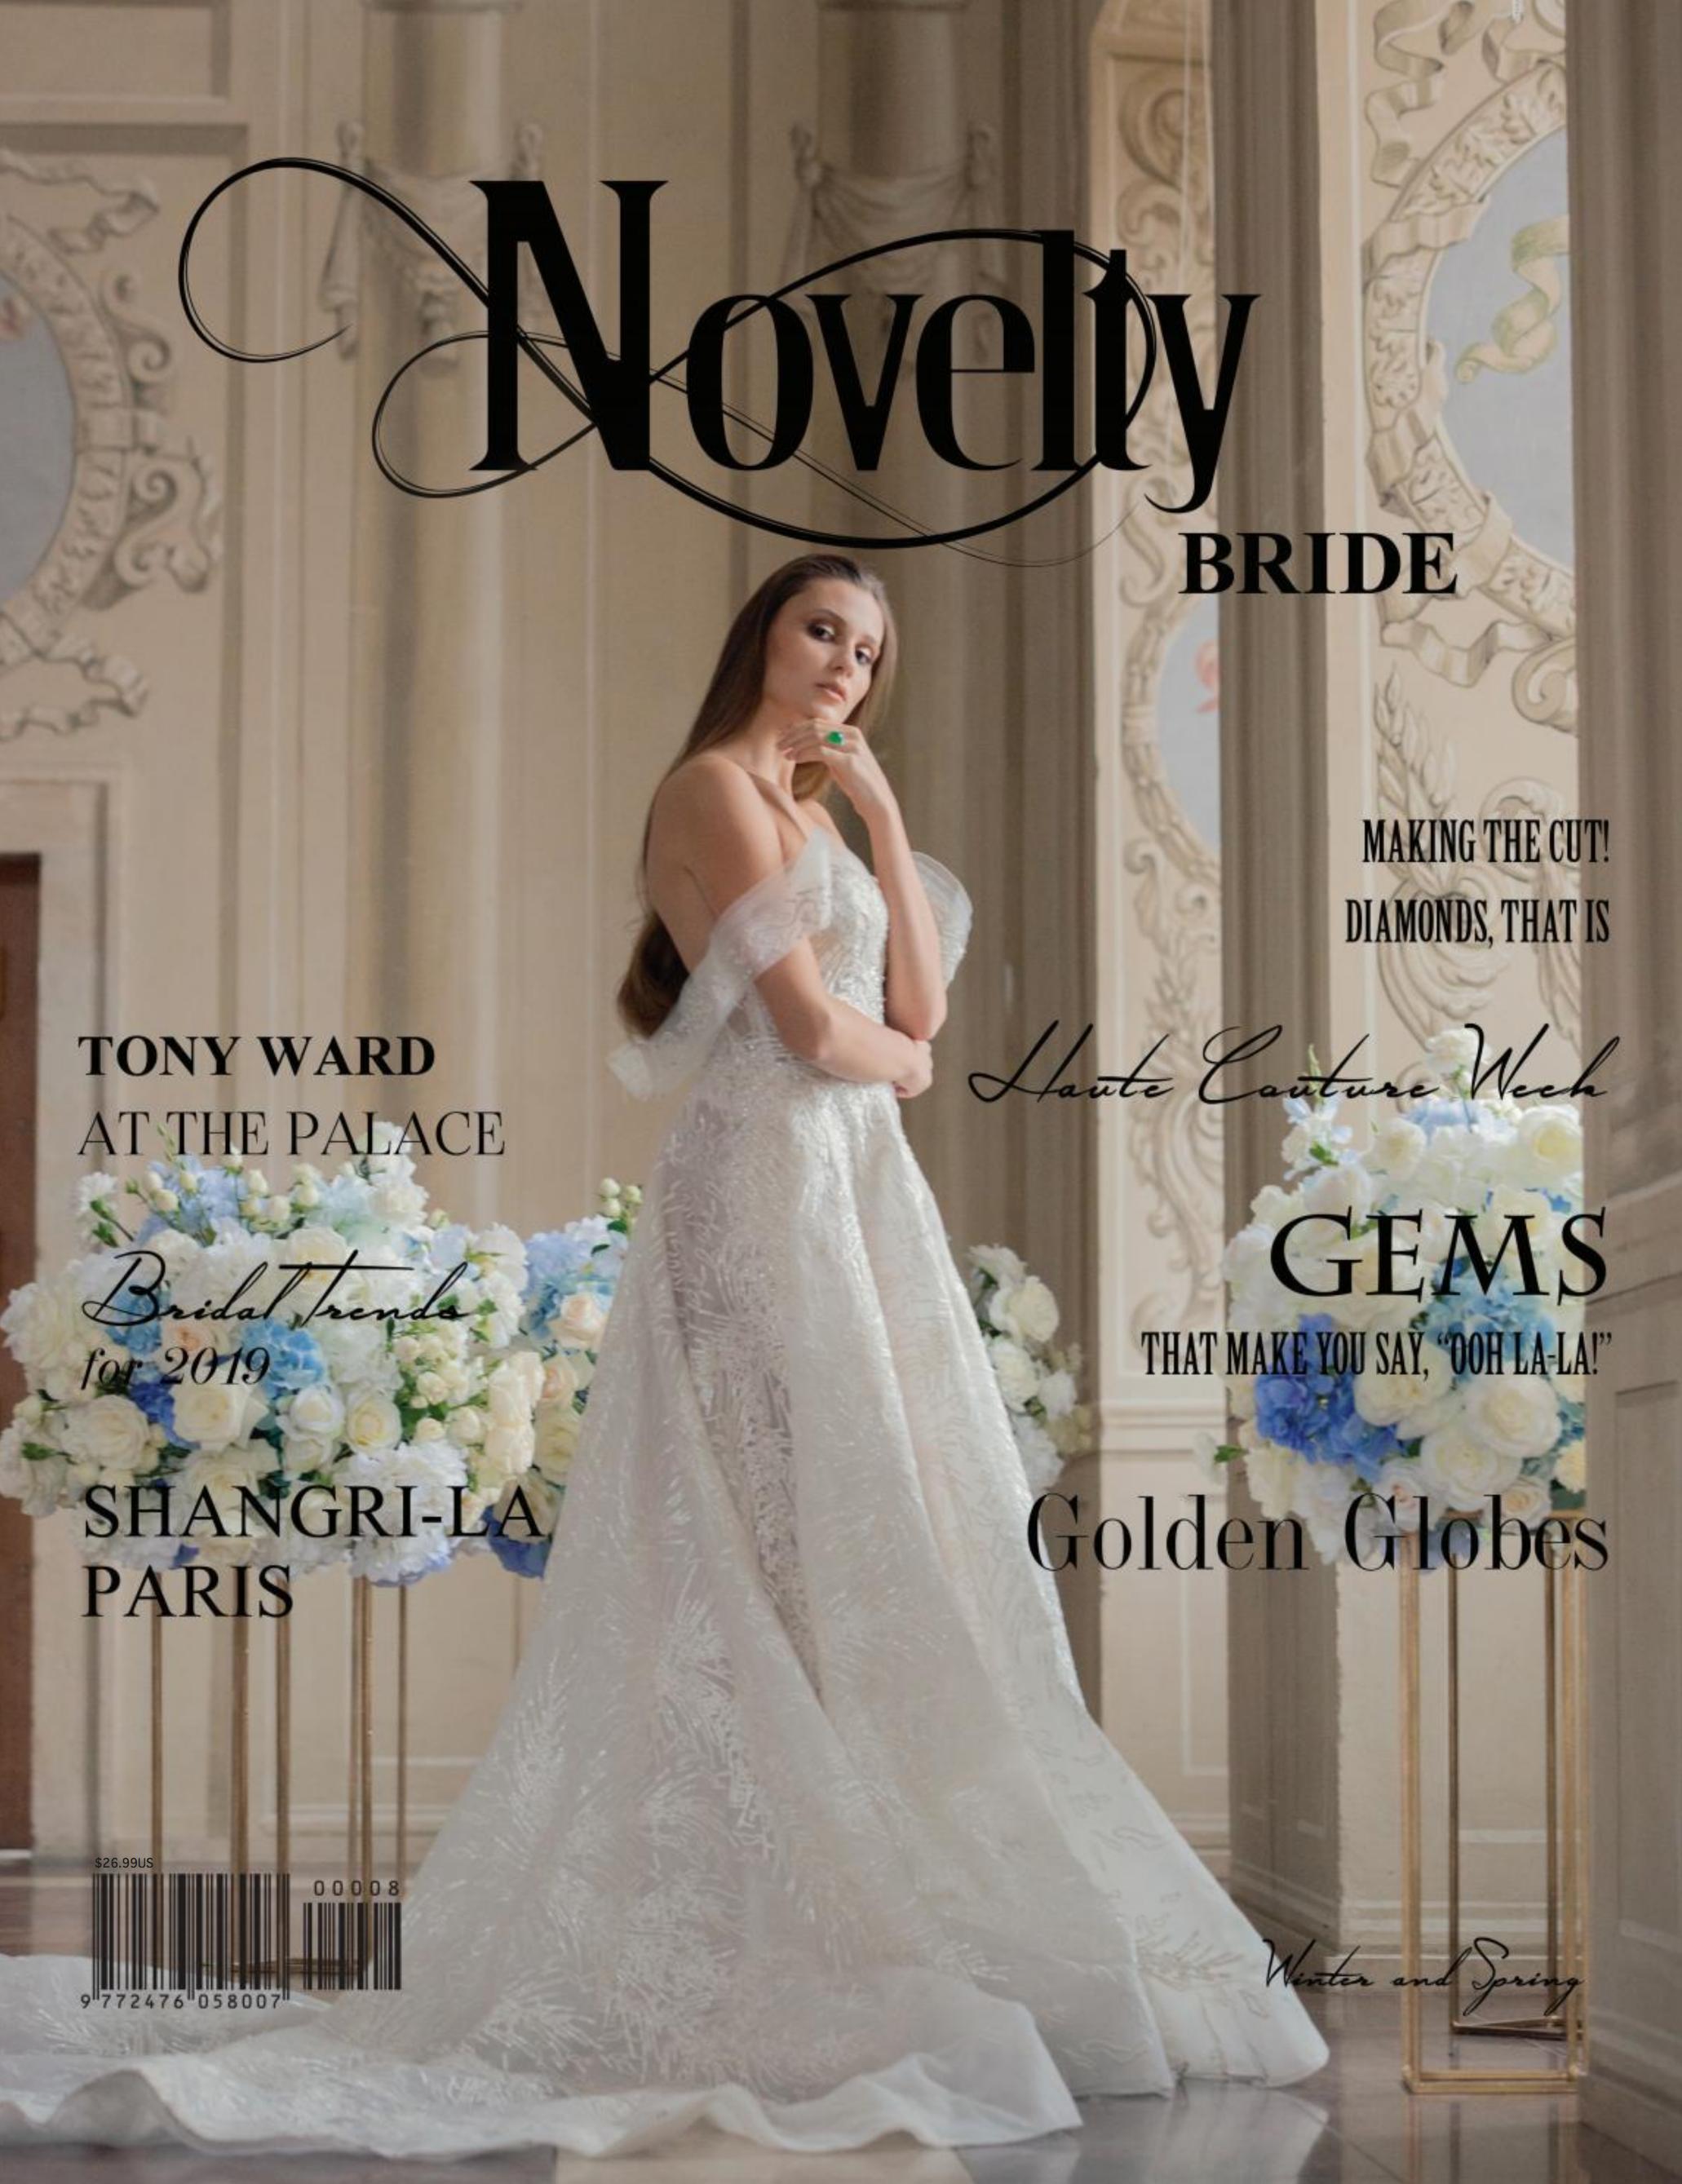 chris-j-evans-novelty-bride-feature.png